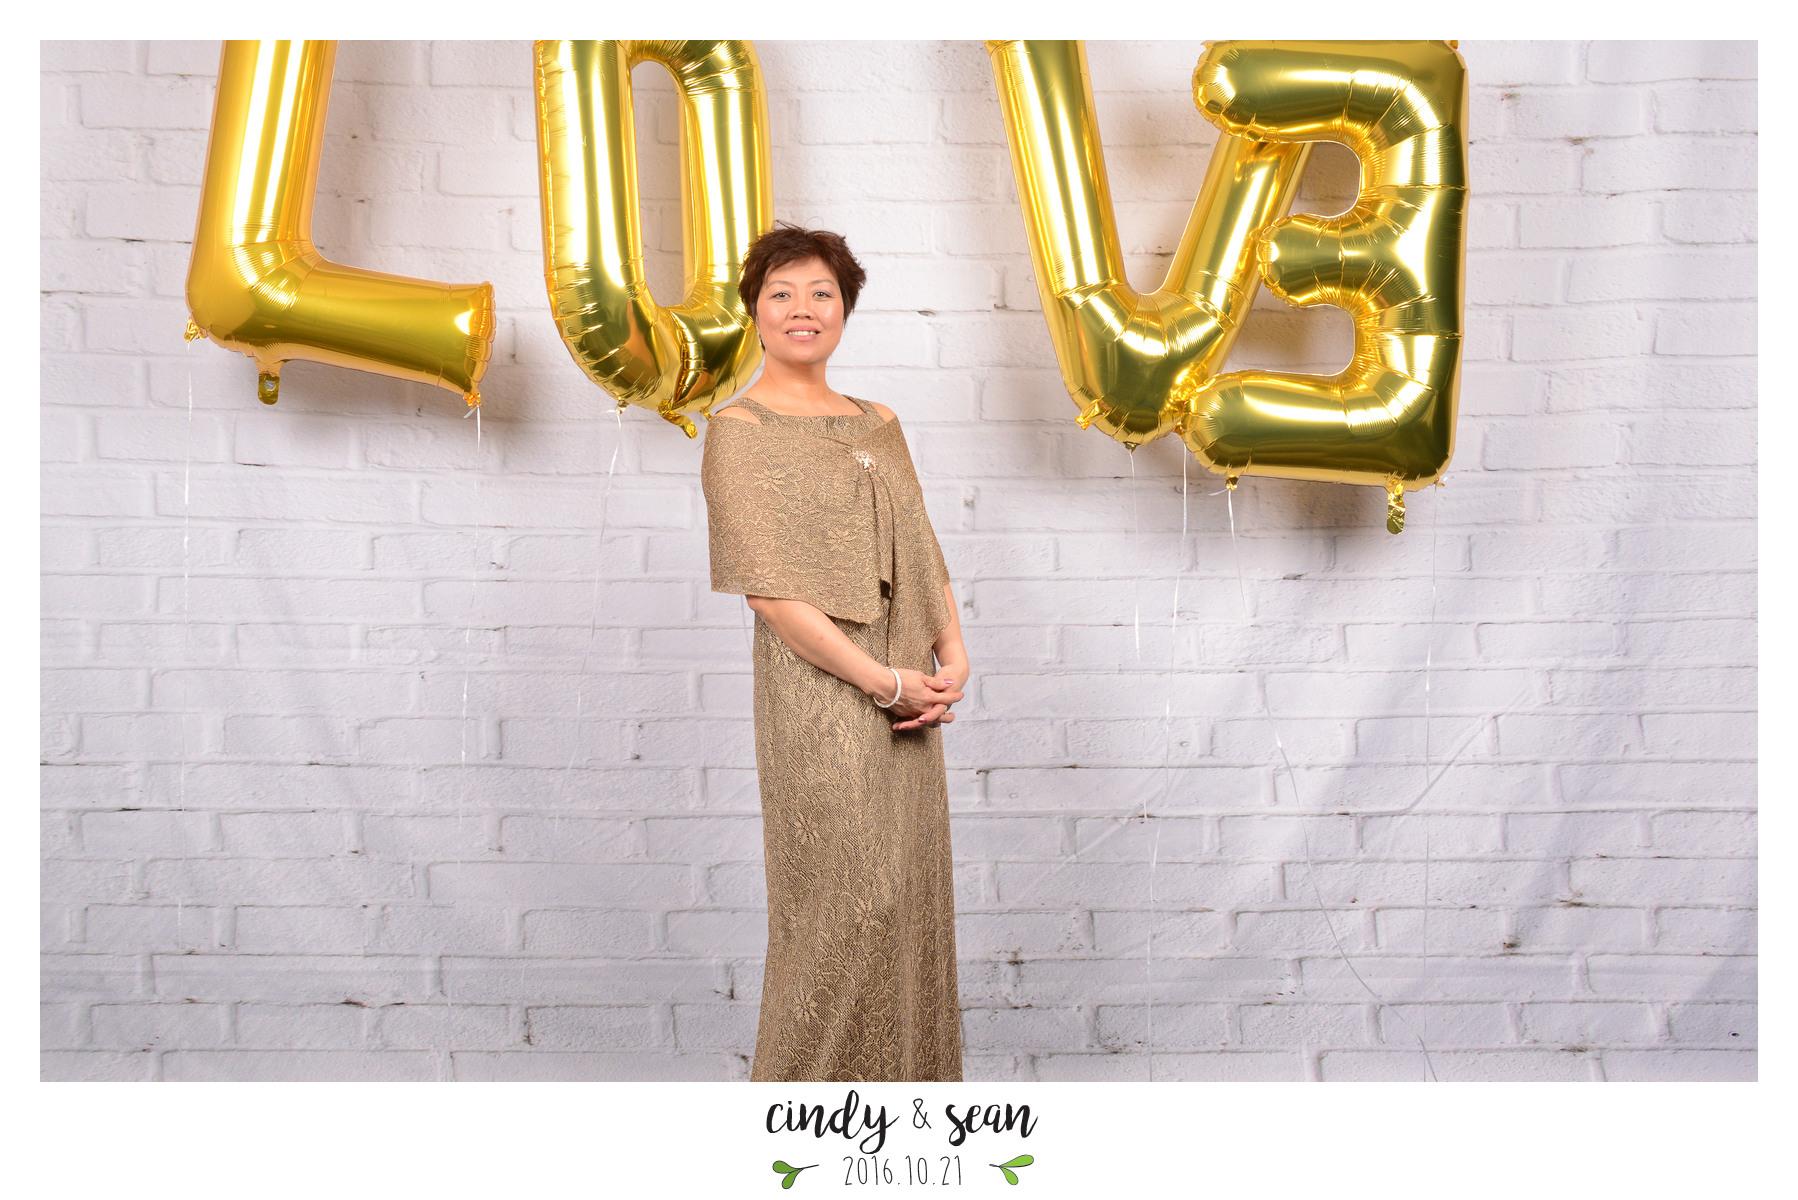 Cindy Sean Bae - 0001-3.jpg